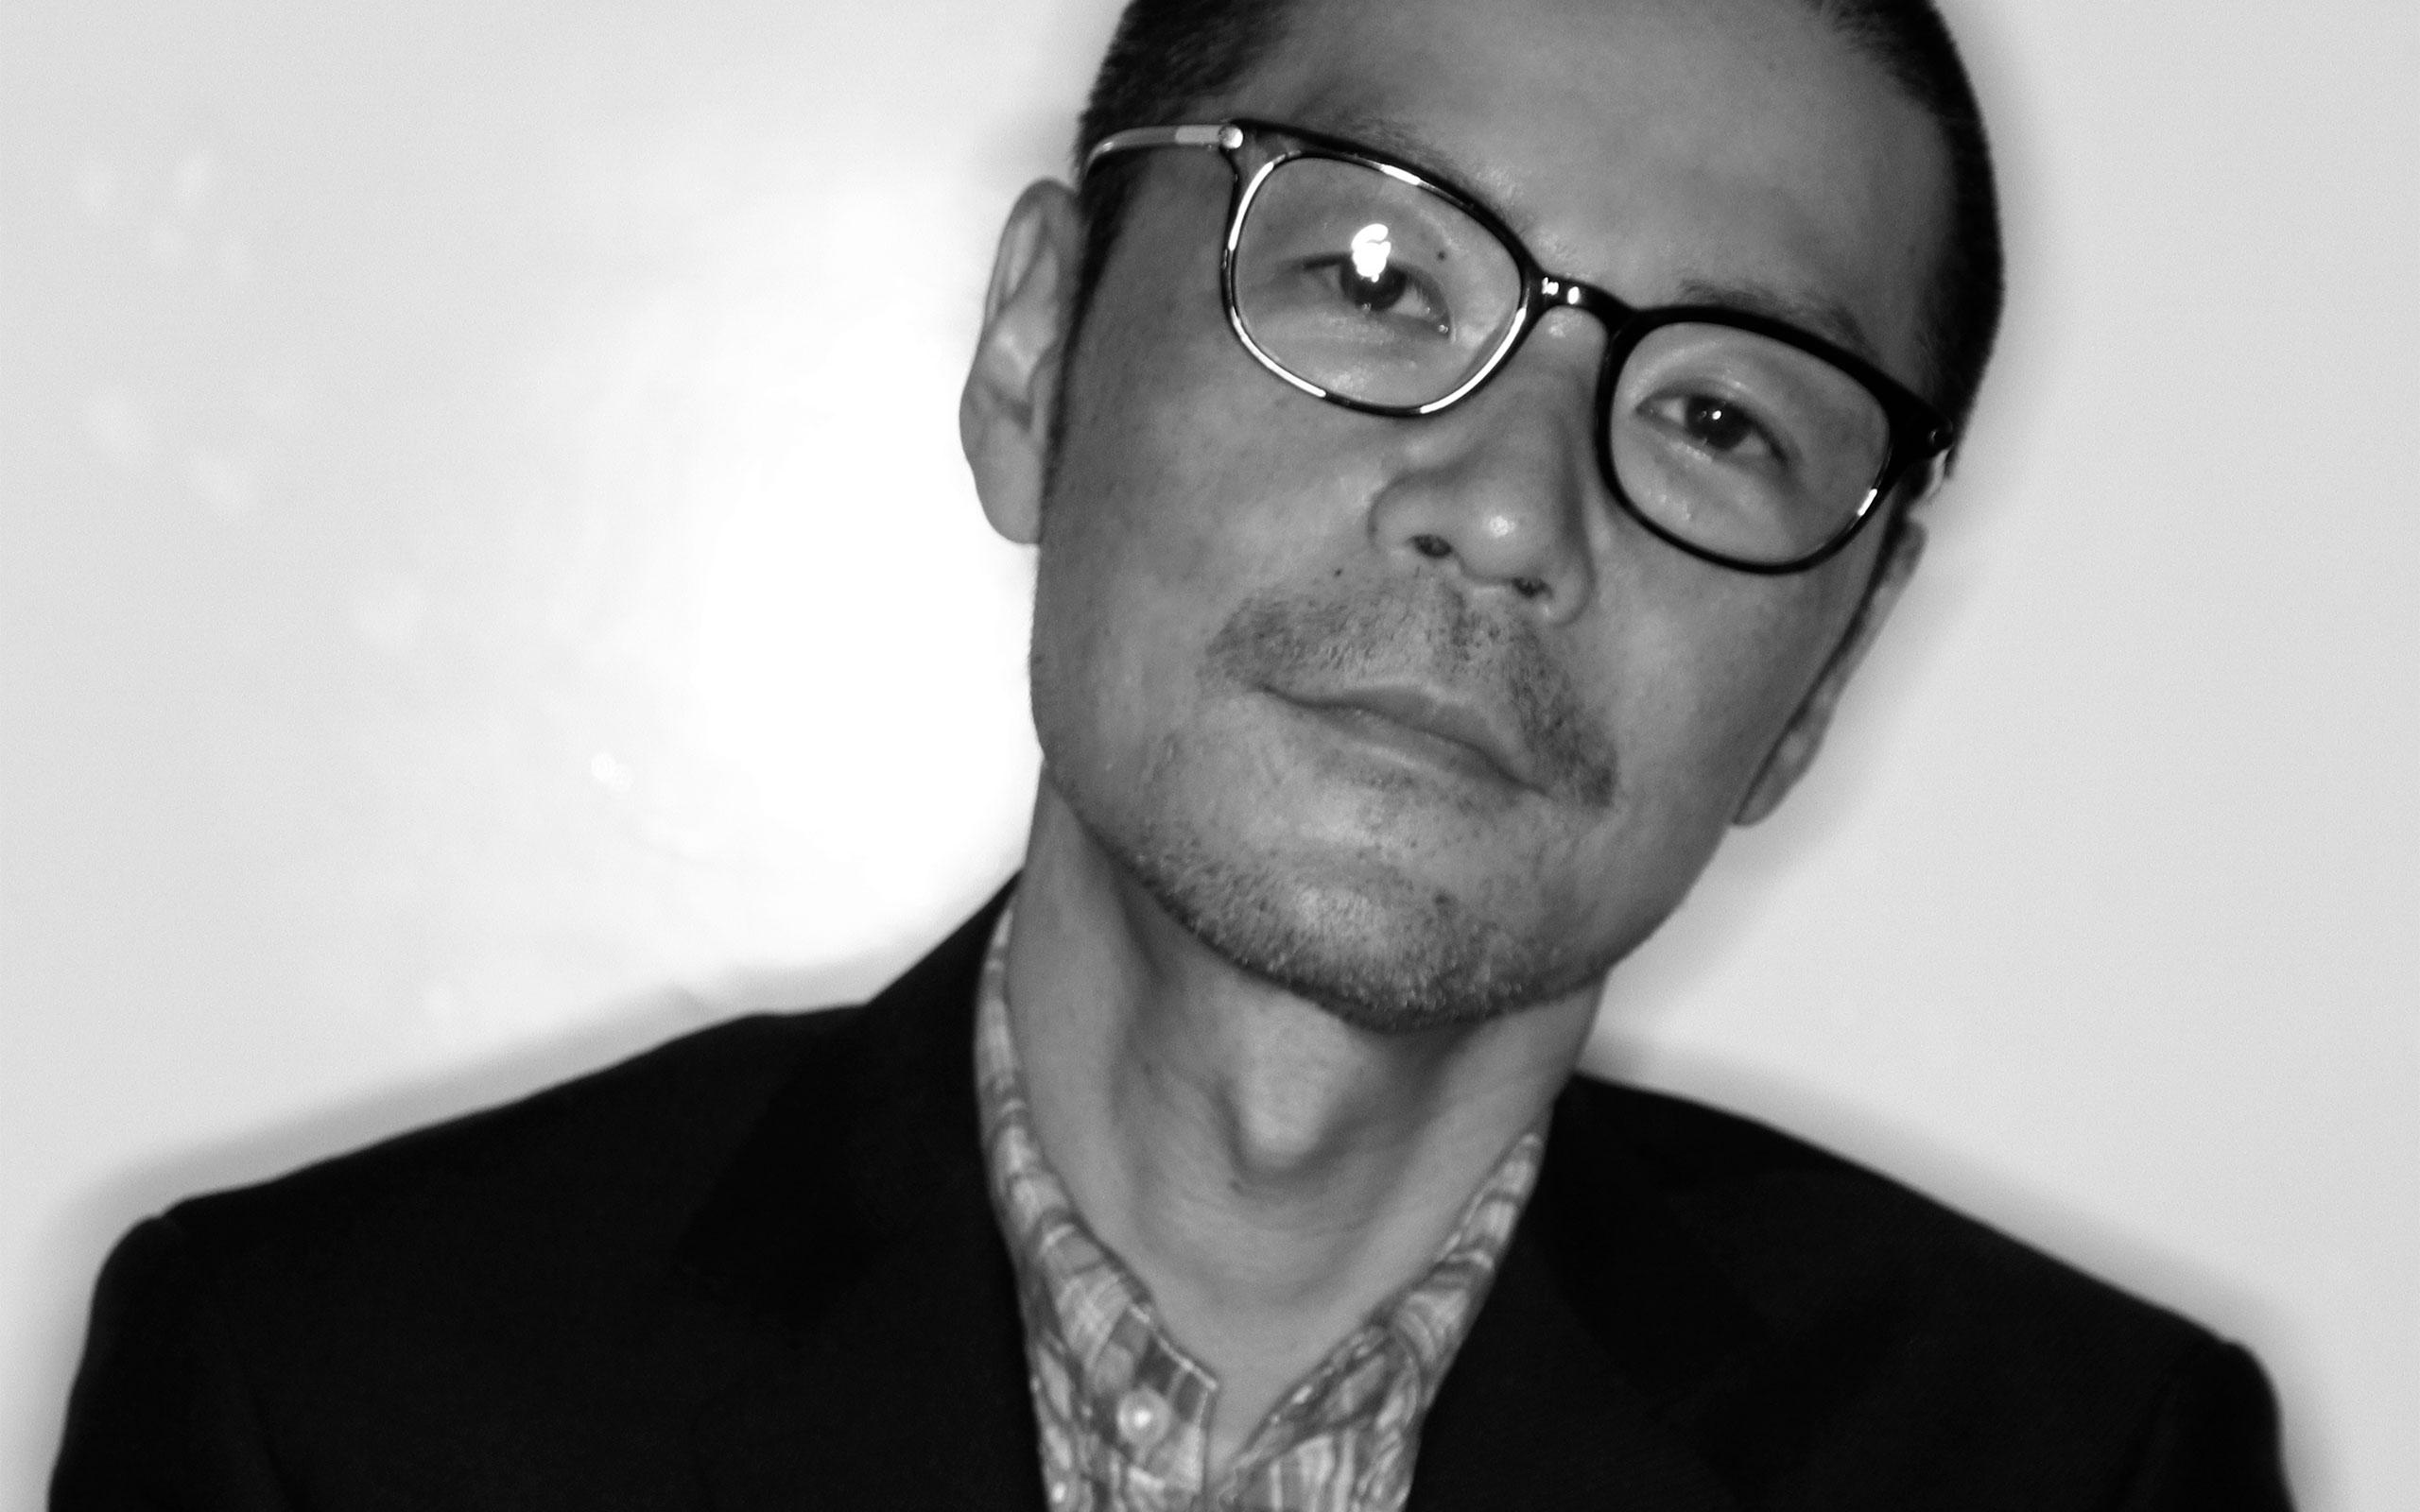 ハニカム編集長 鈴木哲也インタビュー